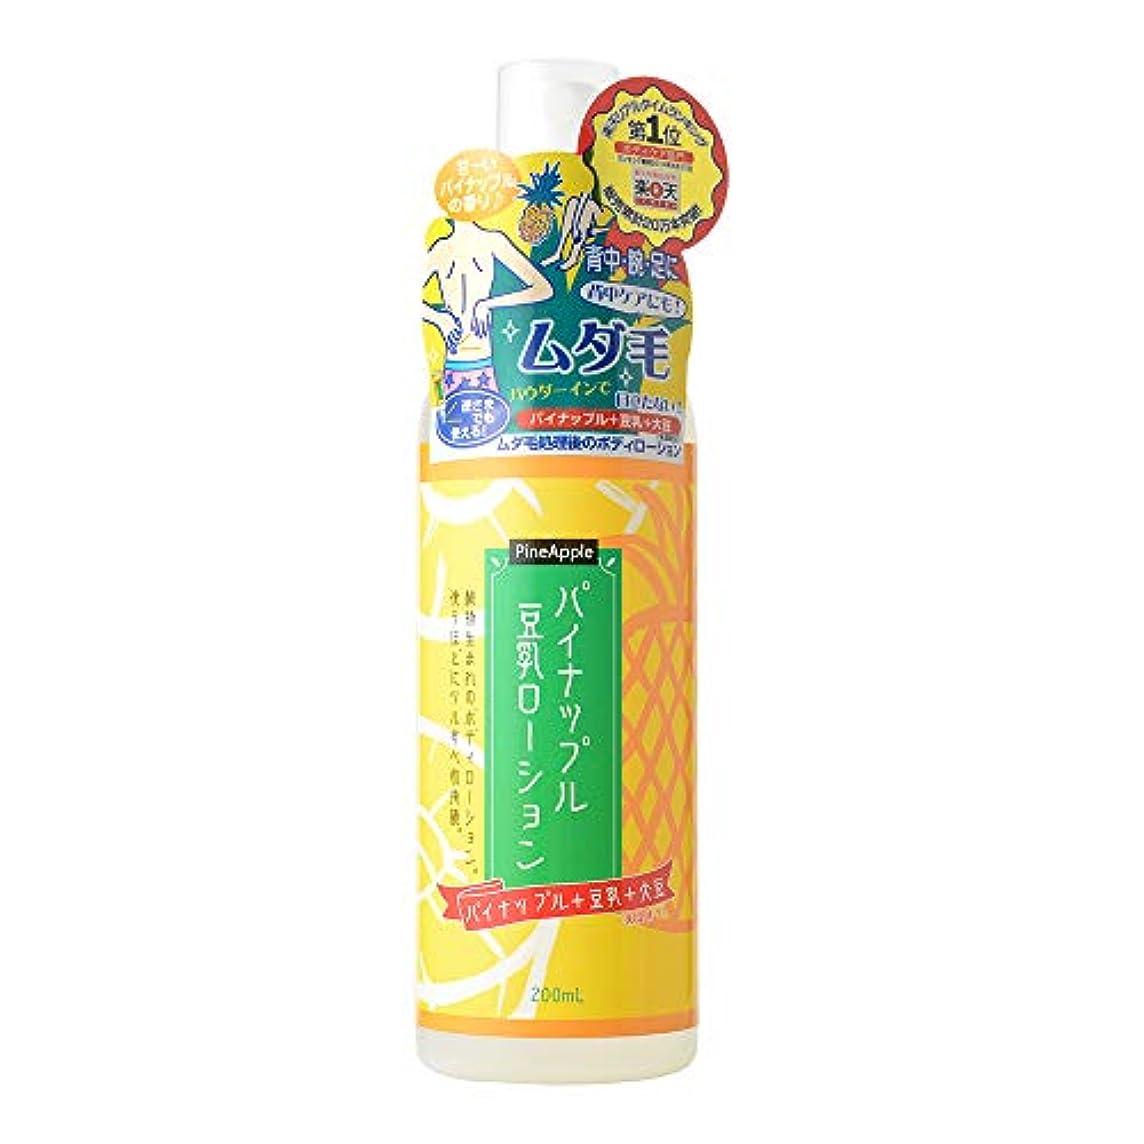 用語集無心手綱アスティ パイナップル豆乳ローション